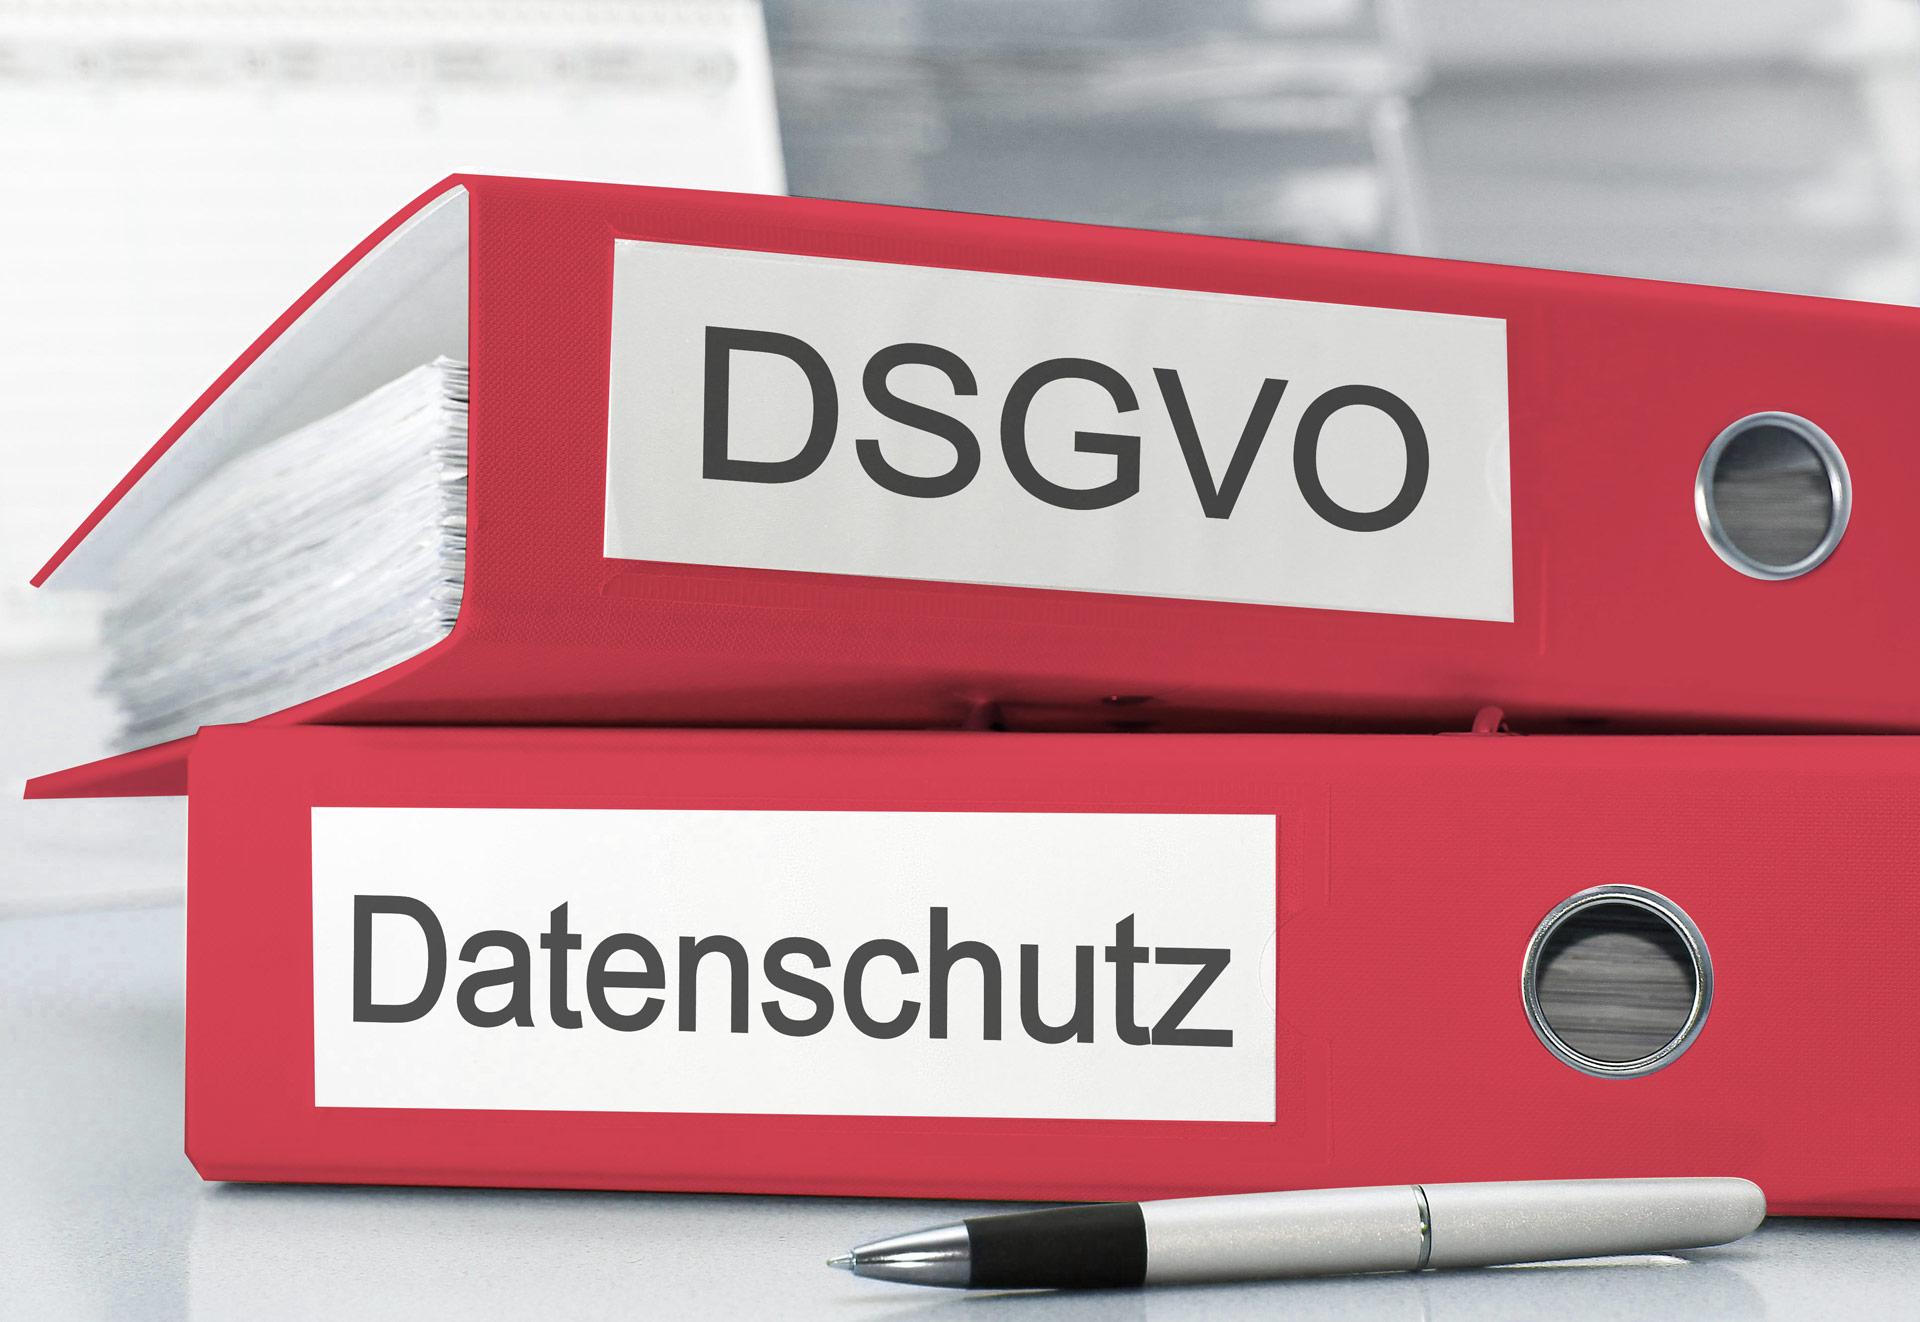 Datenschutz & DSGVO im IT-Service